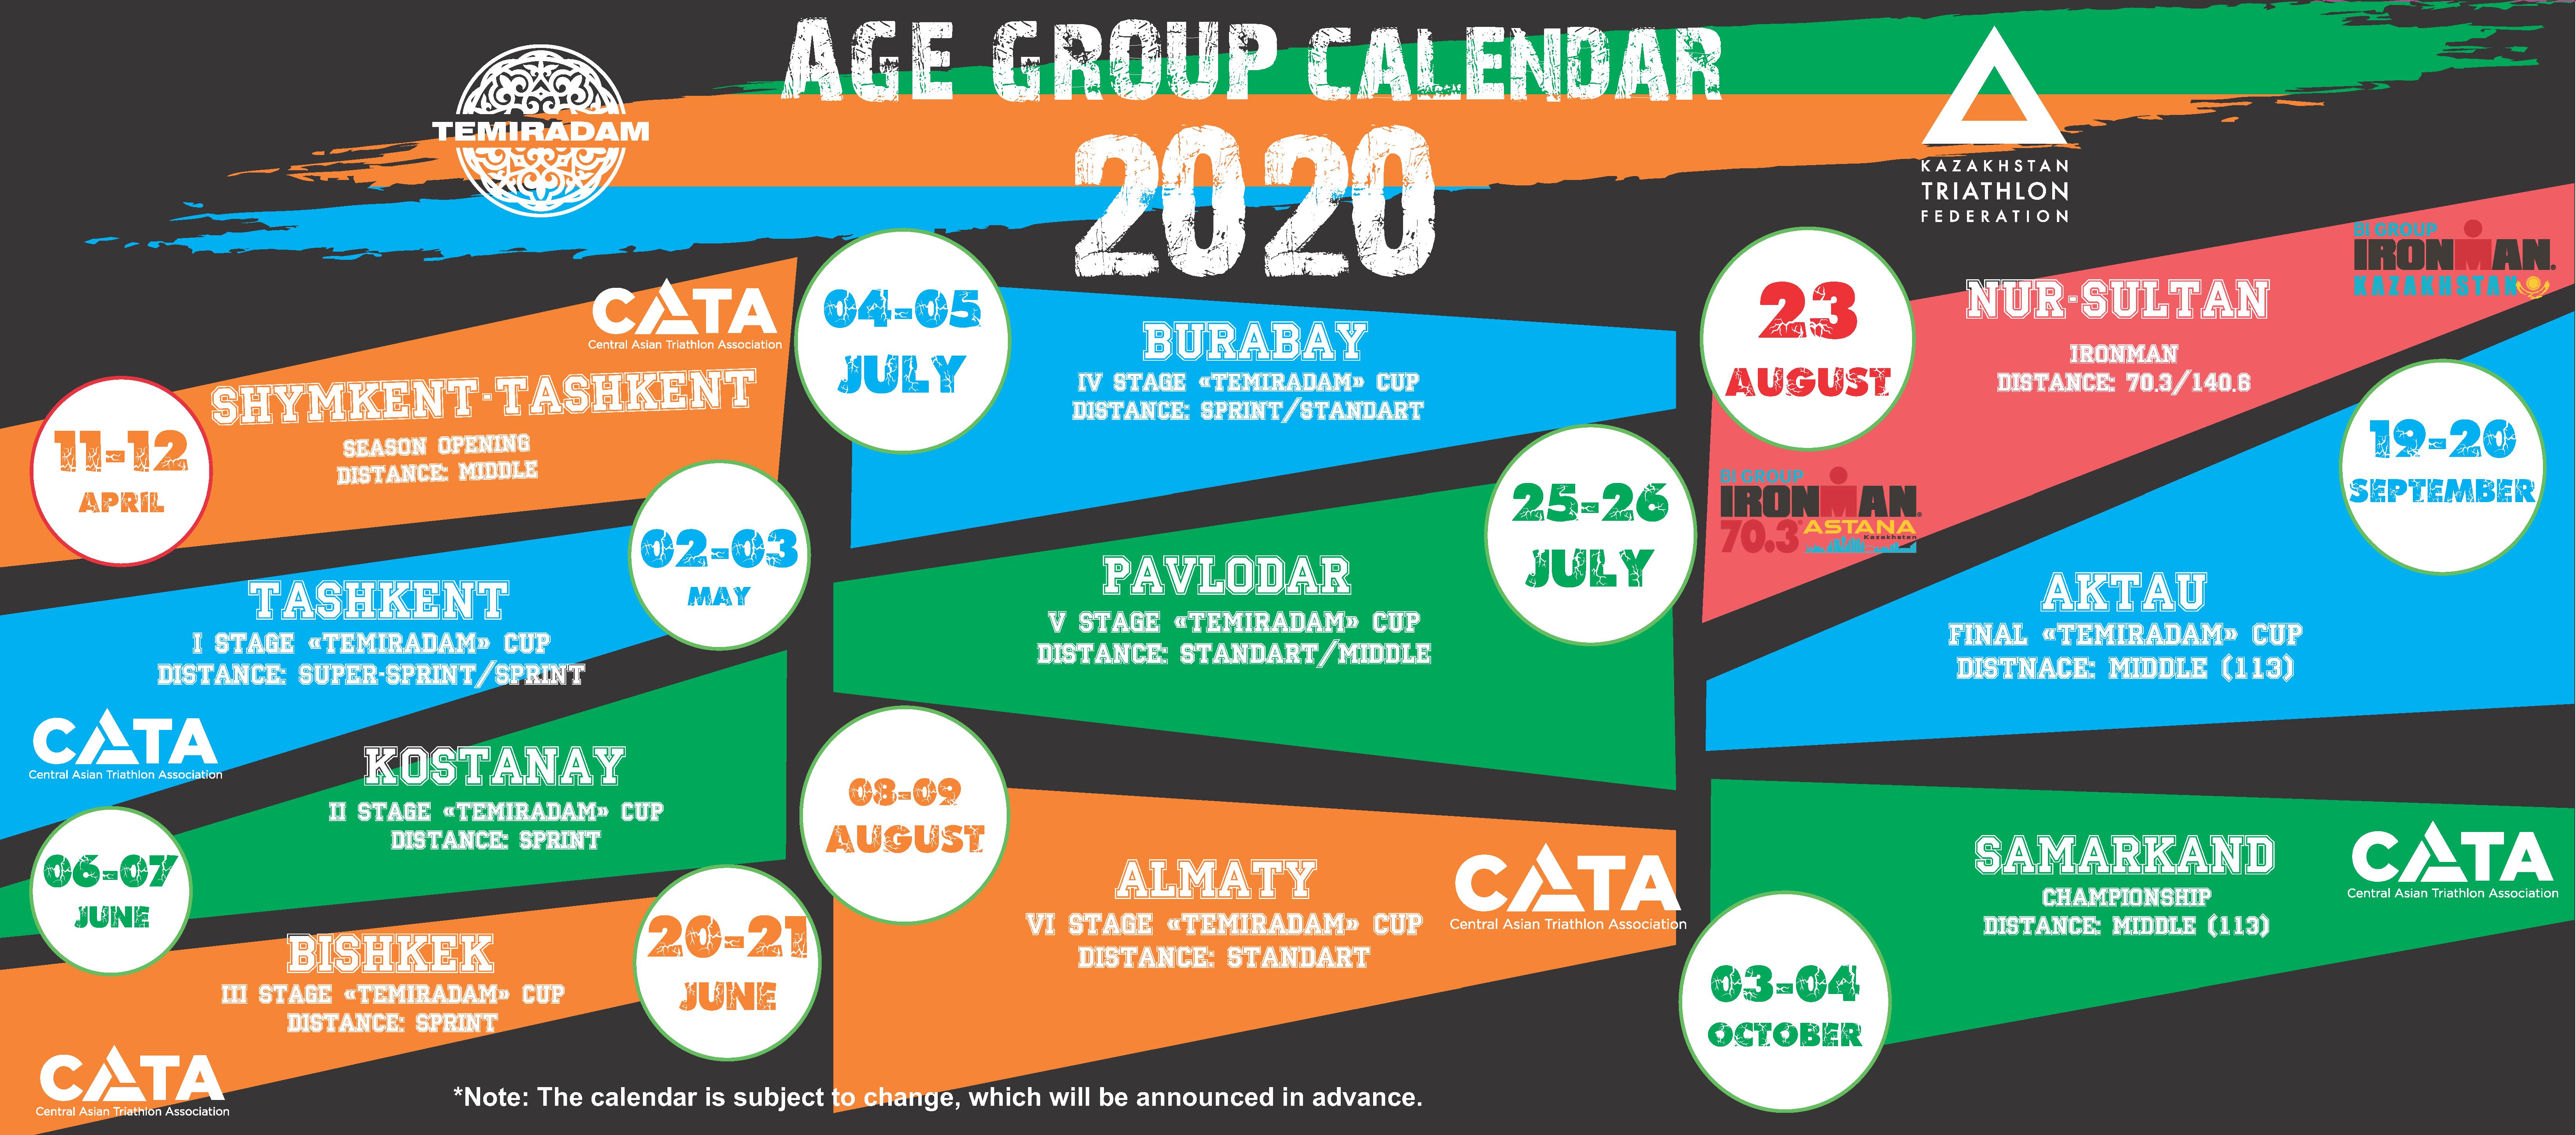 Календарь соревнований на 2020 год – Age Group